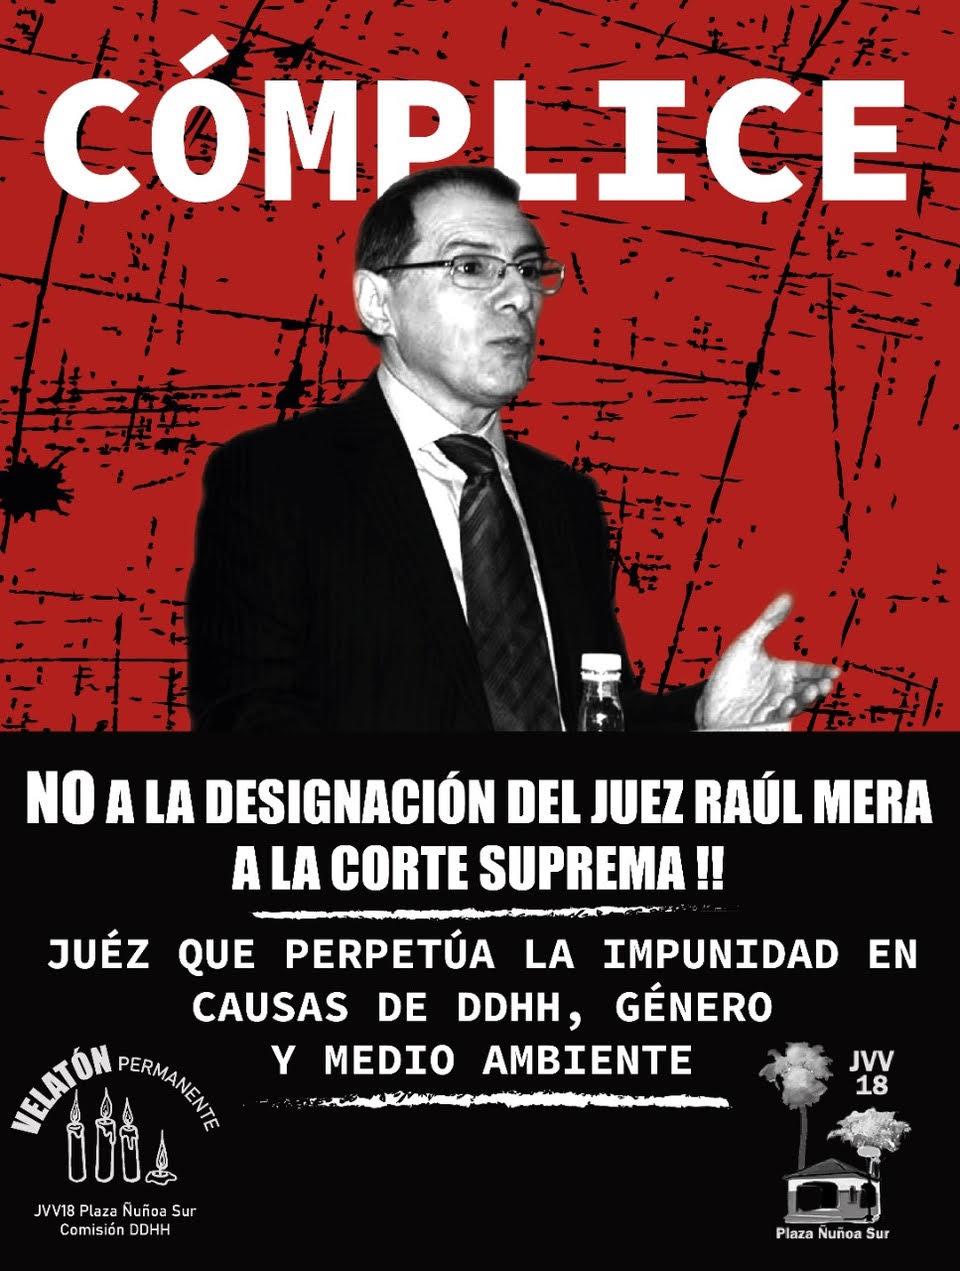 El necesario cuestionamiento público al juez Raúl Mera